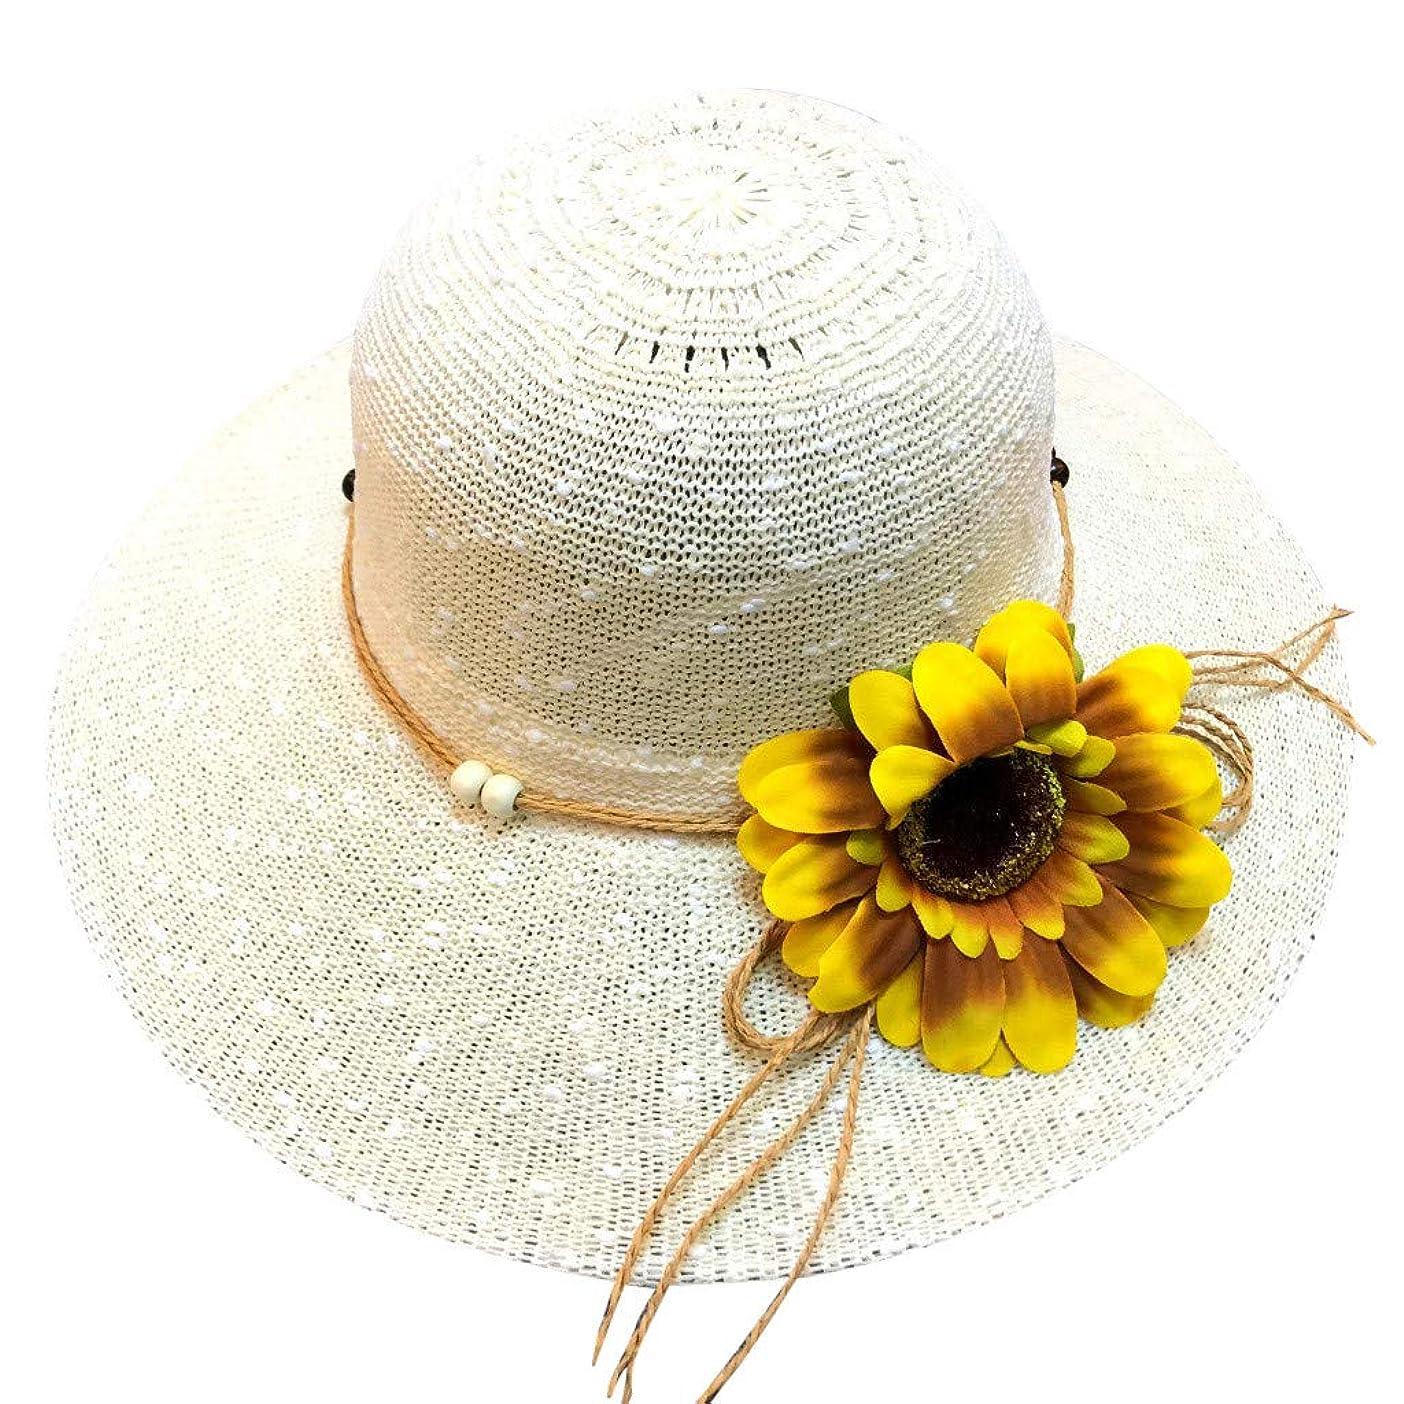 憧れ自然クライマックス帽子 レディース アウトドア 夏 春 UVカット 帽子 ハット 漁師帽 日焼け防止 つば広 紫外線対策 大きいサイズ ひまわり 可愛い ハット 旅行用 日よけ 夏季 ビーチ 無地 ハット レディース 女性 ROSE ROMAN